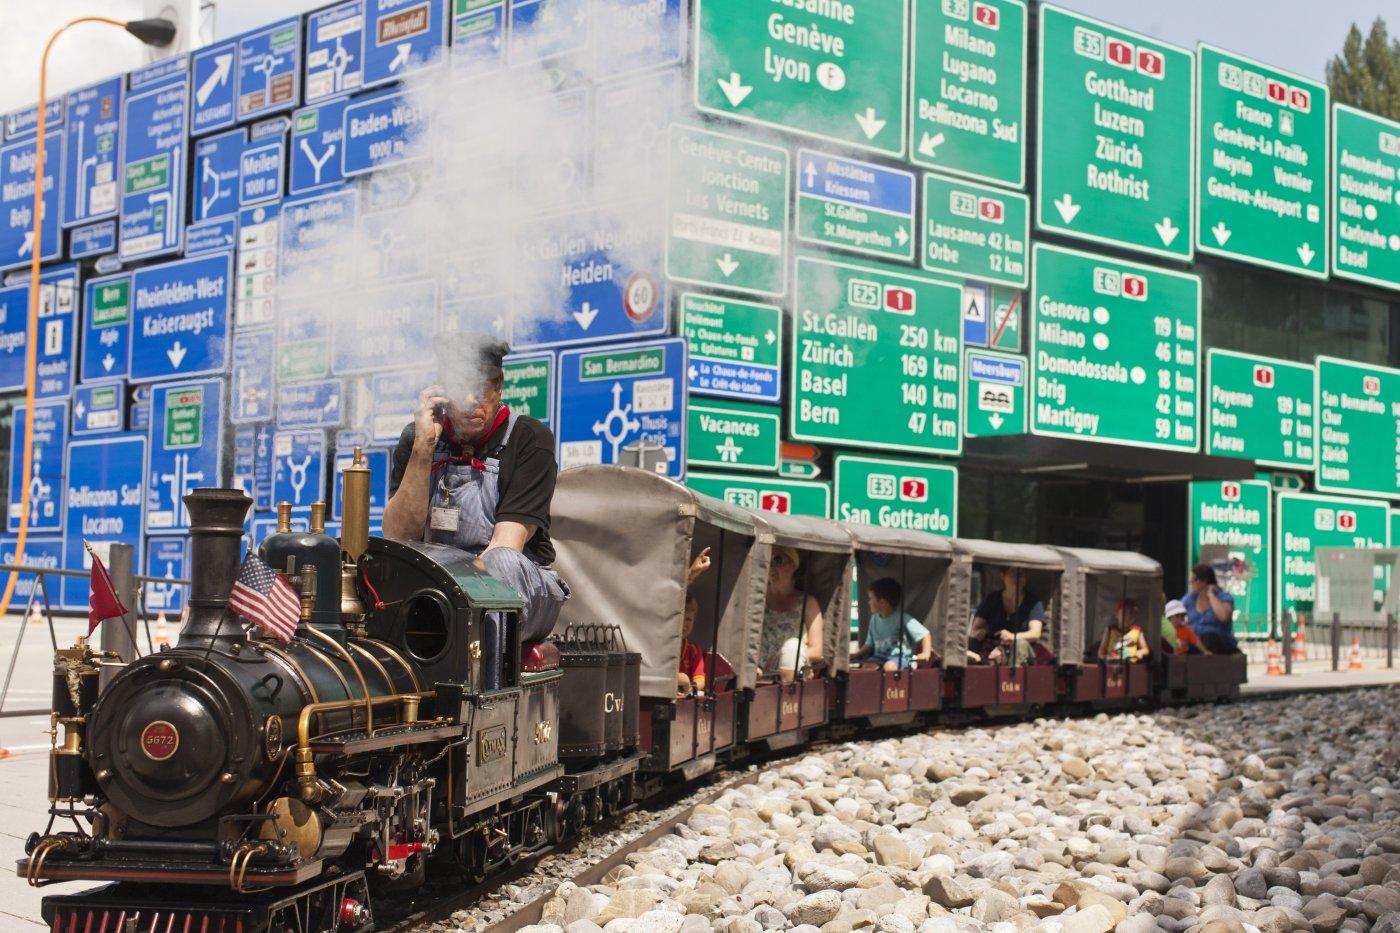 Lokführer auf kleinem Zug